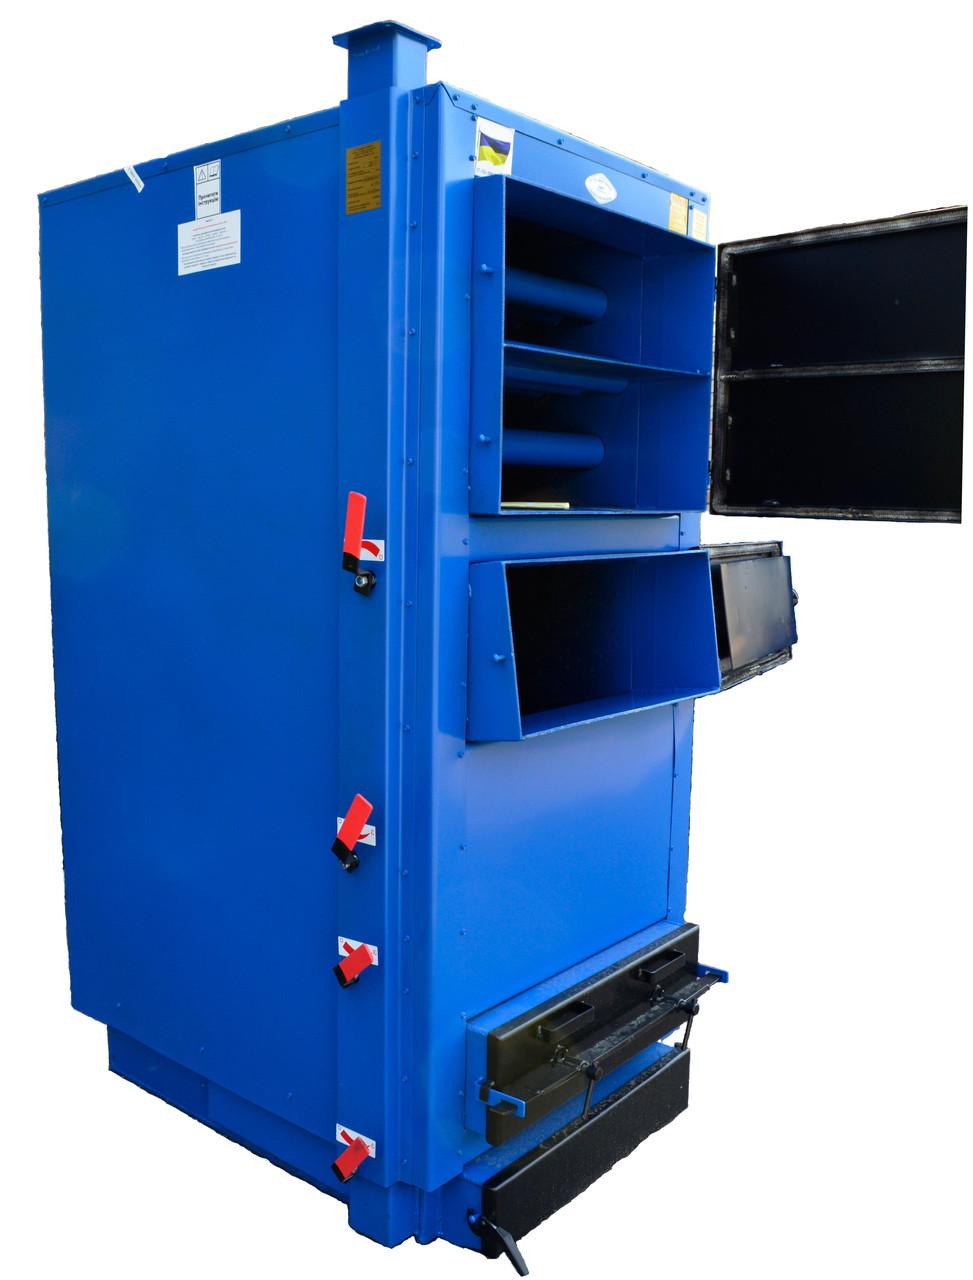 Котел твердотопливный 120 кВт Идмар (Вичлас, Вихлач) GK-1. Твердотопливные котлы длительного горения